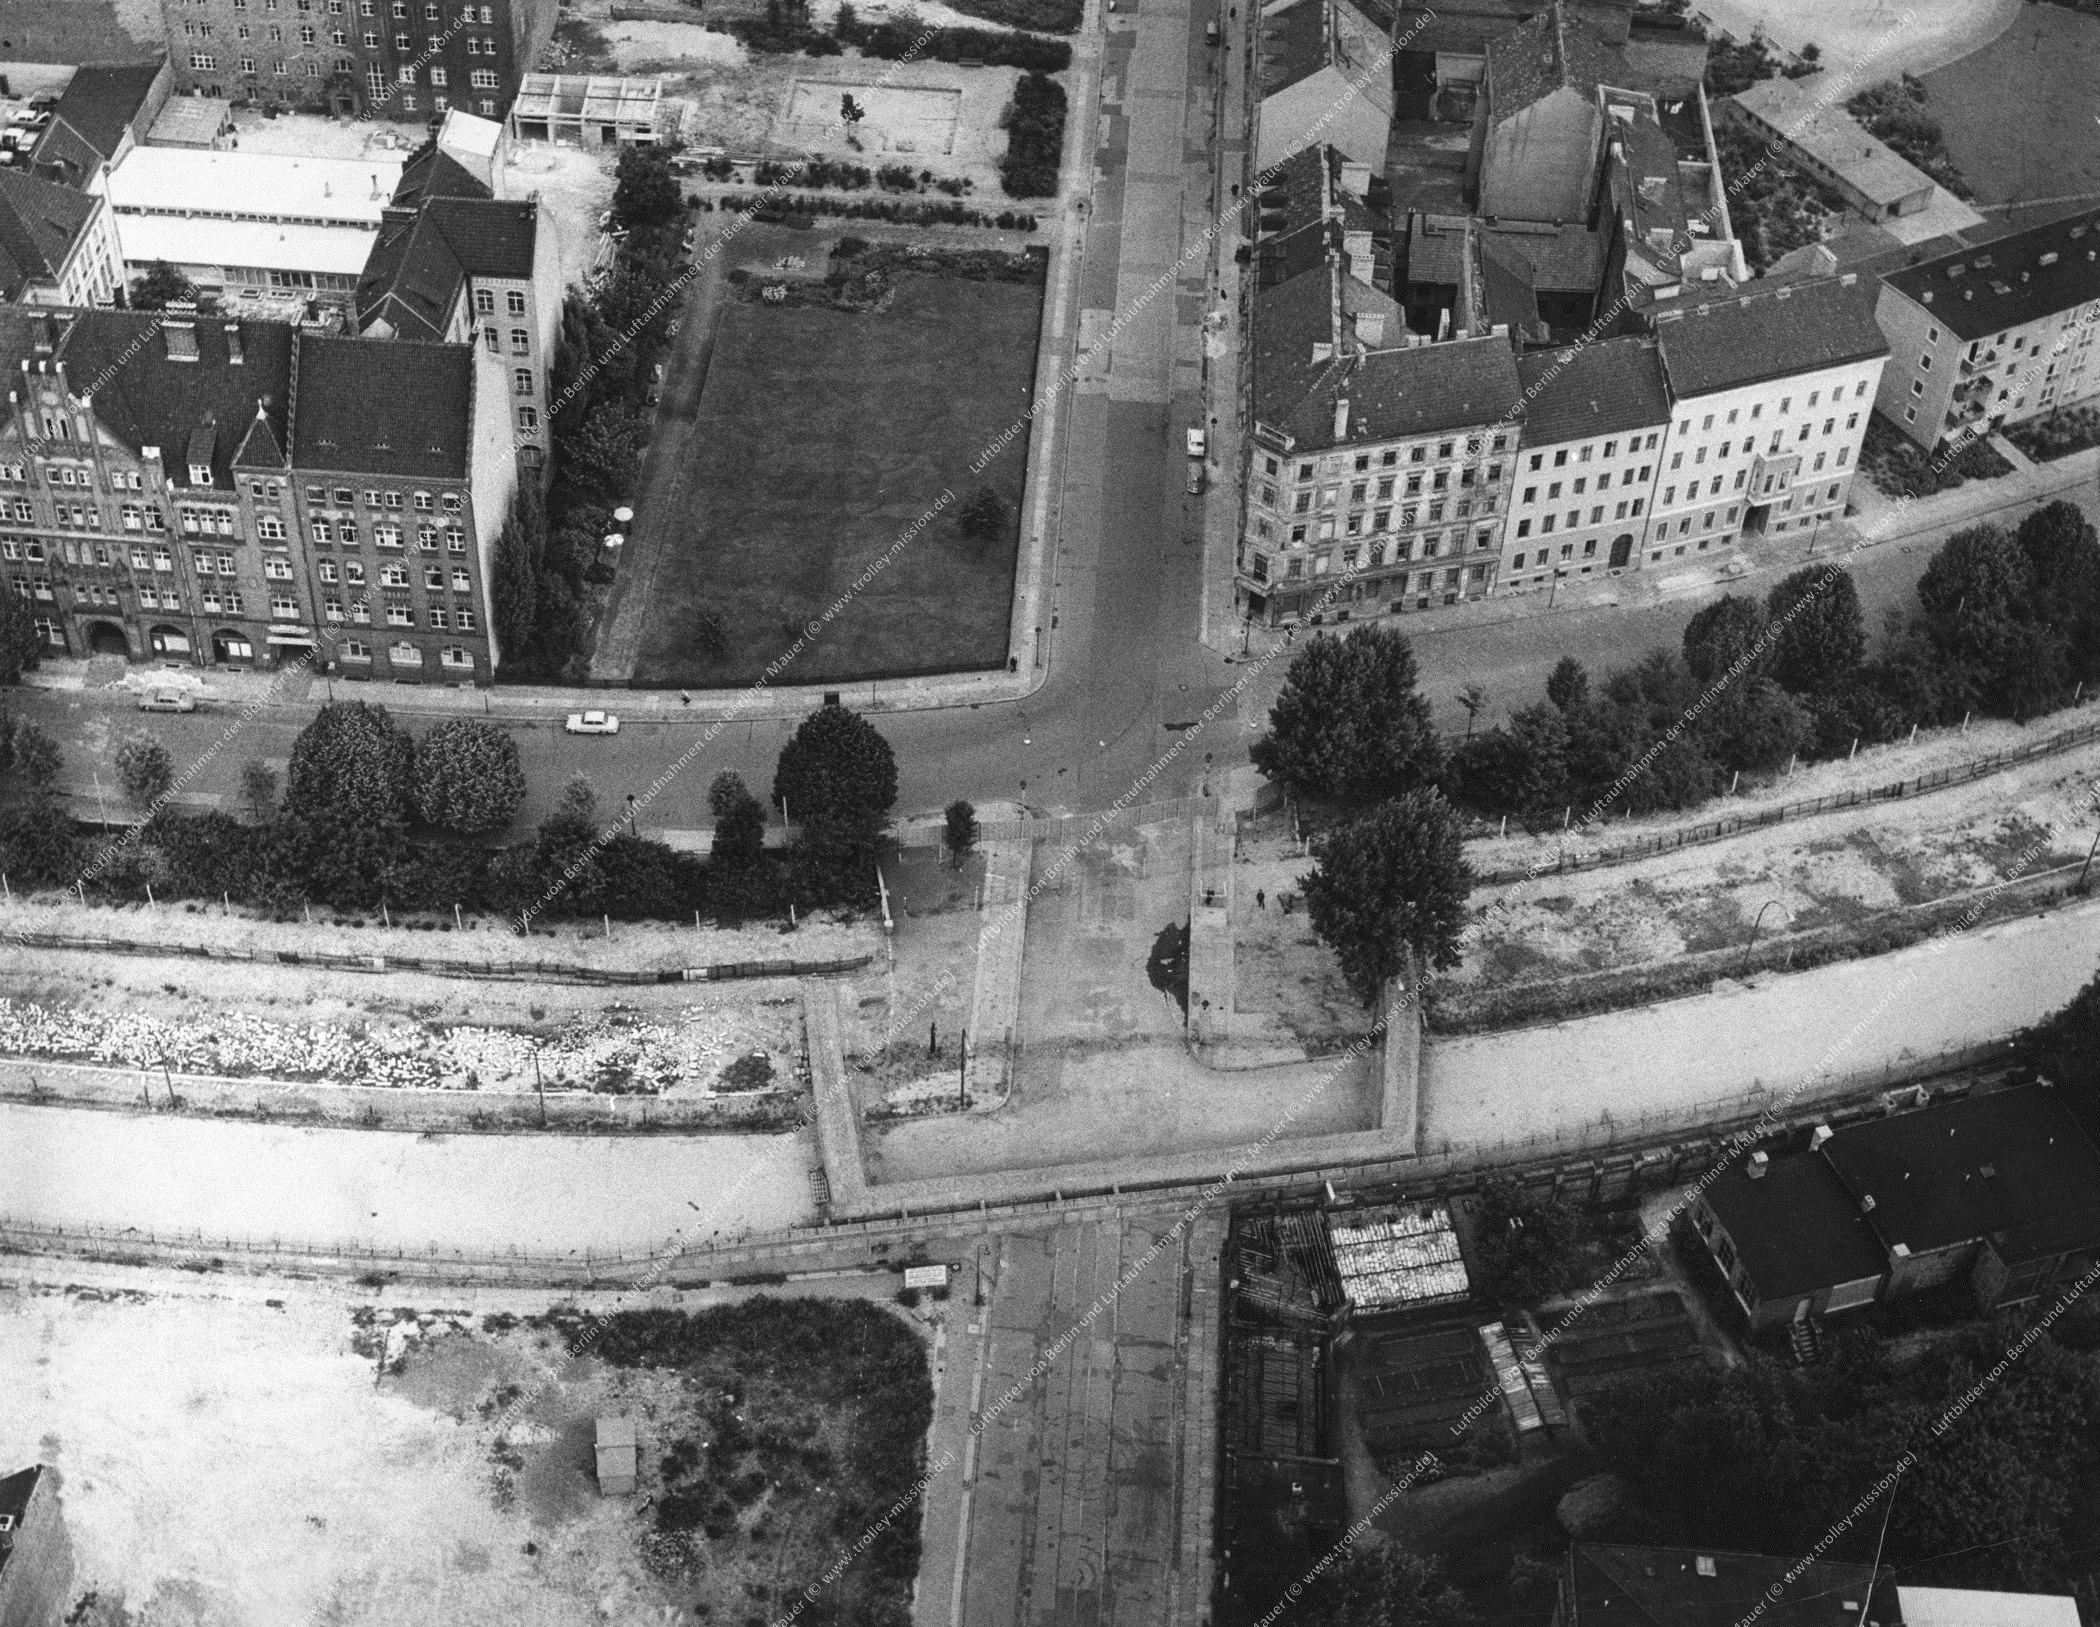 Luftbild Adalbertstraße, Engeldamm und Bethaniendamm in Berlin (Bild 028)